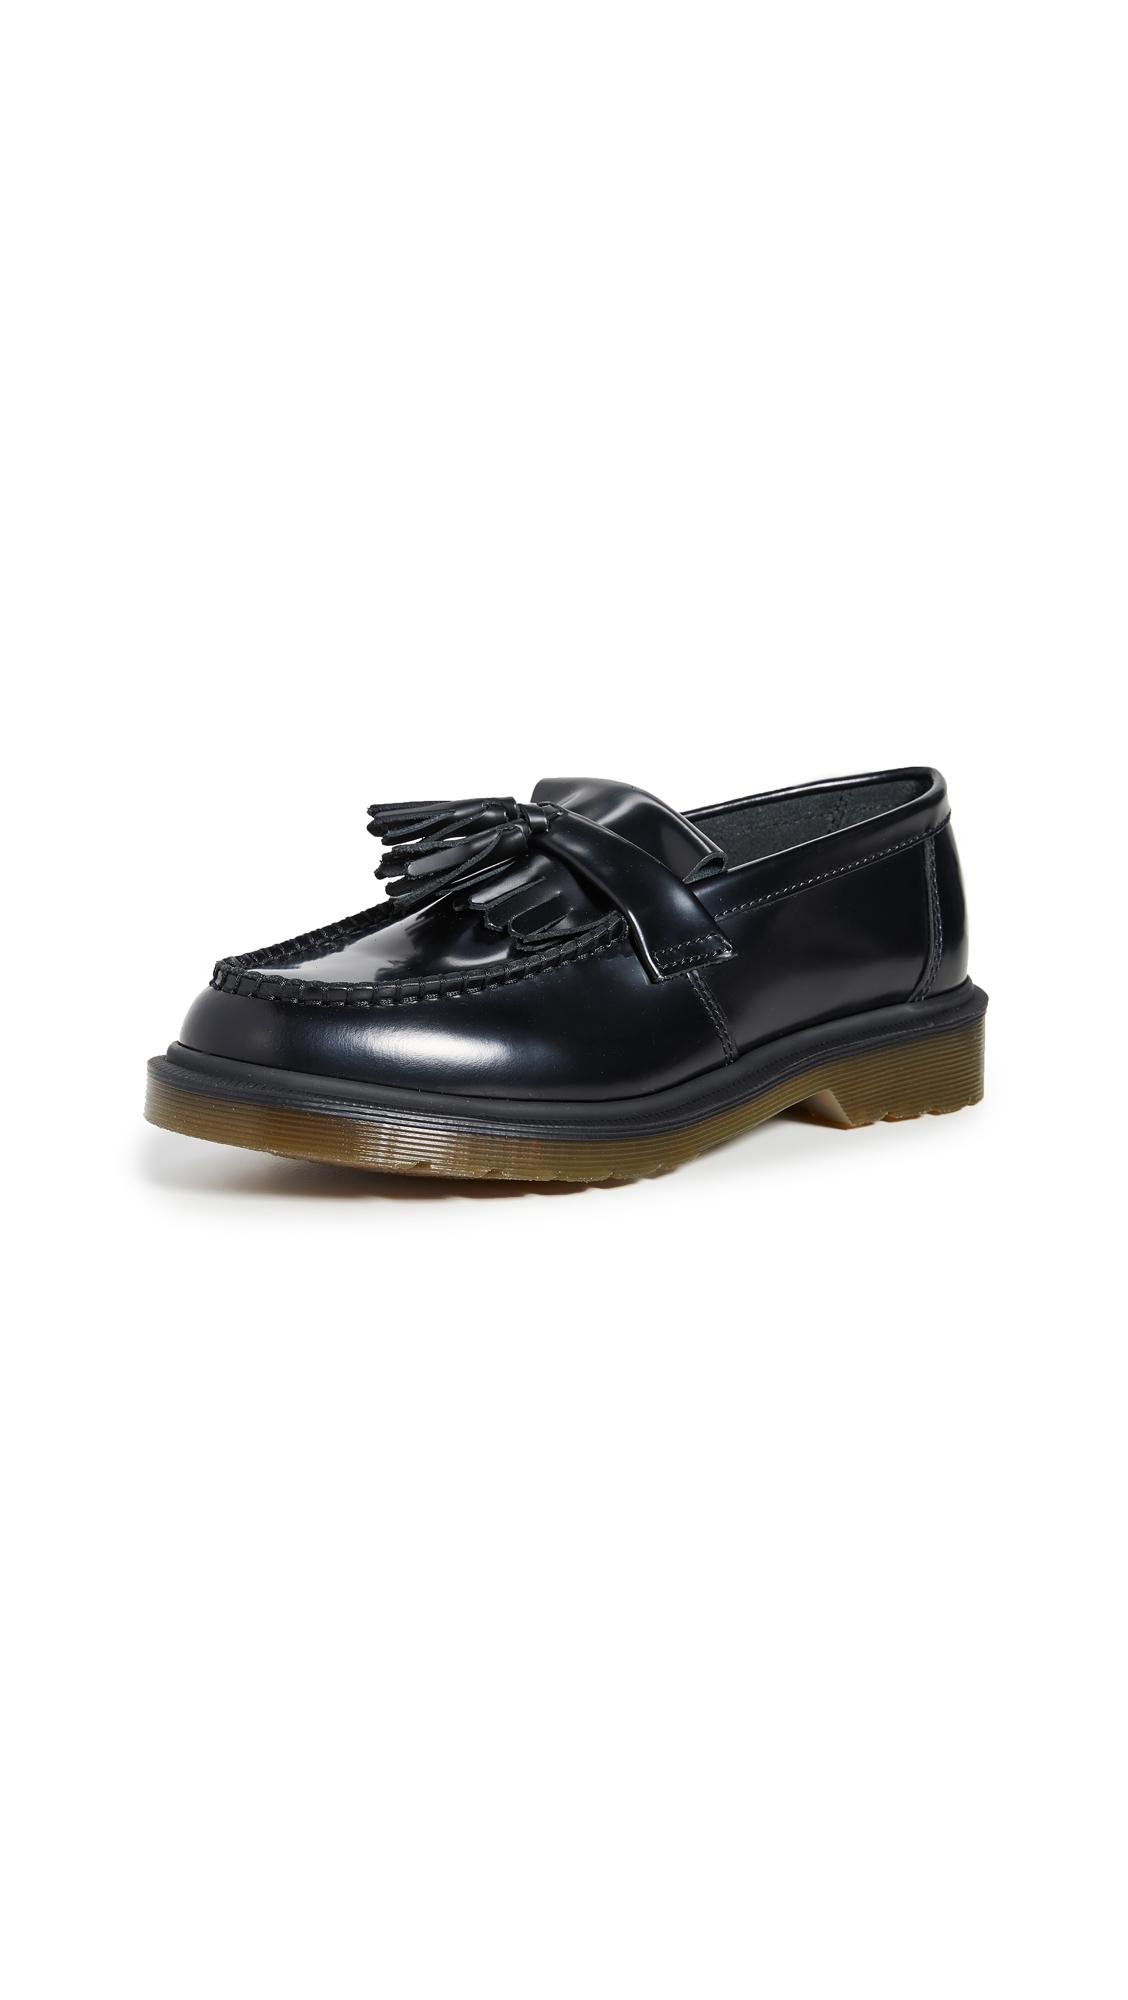 Buy Dr. Martens Adrian Tassel Loafers online, shop Dr. Martens